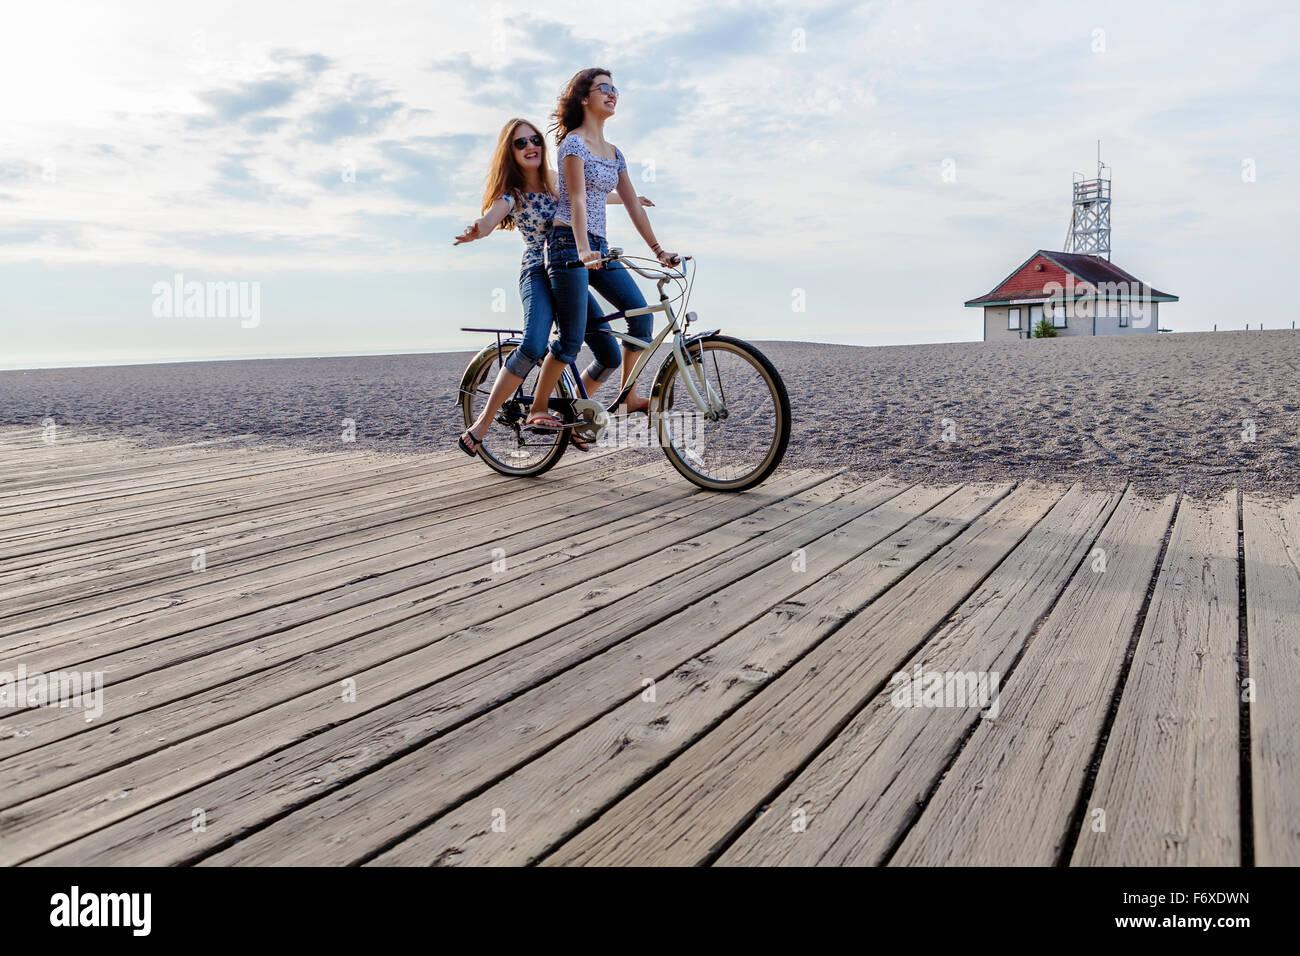 Two Girls Riding Double On A Single Bike On A Beach Boardwalk